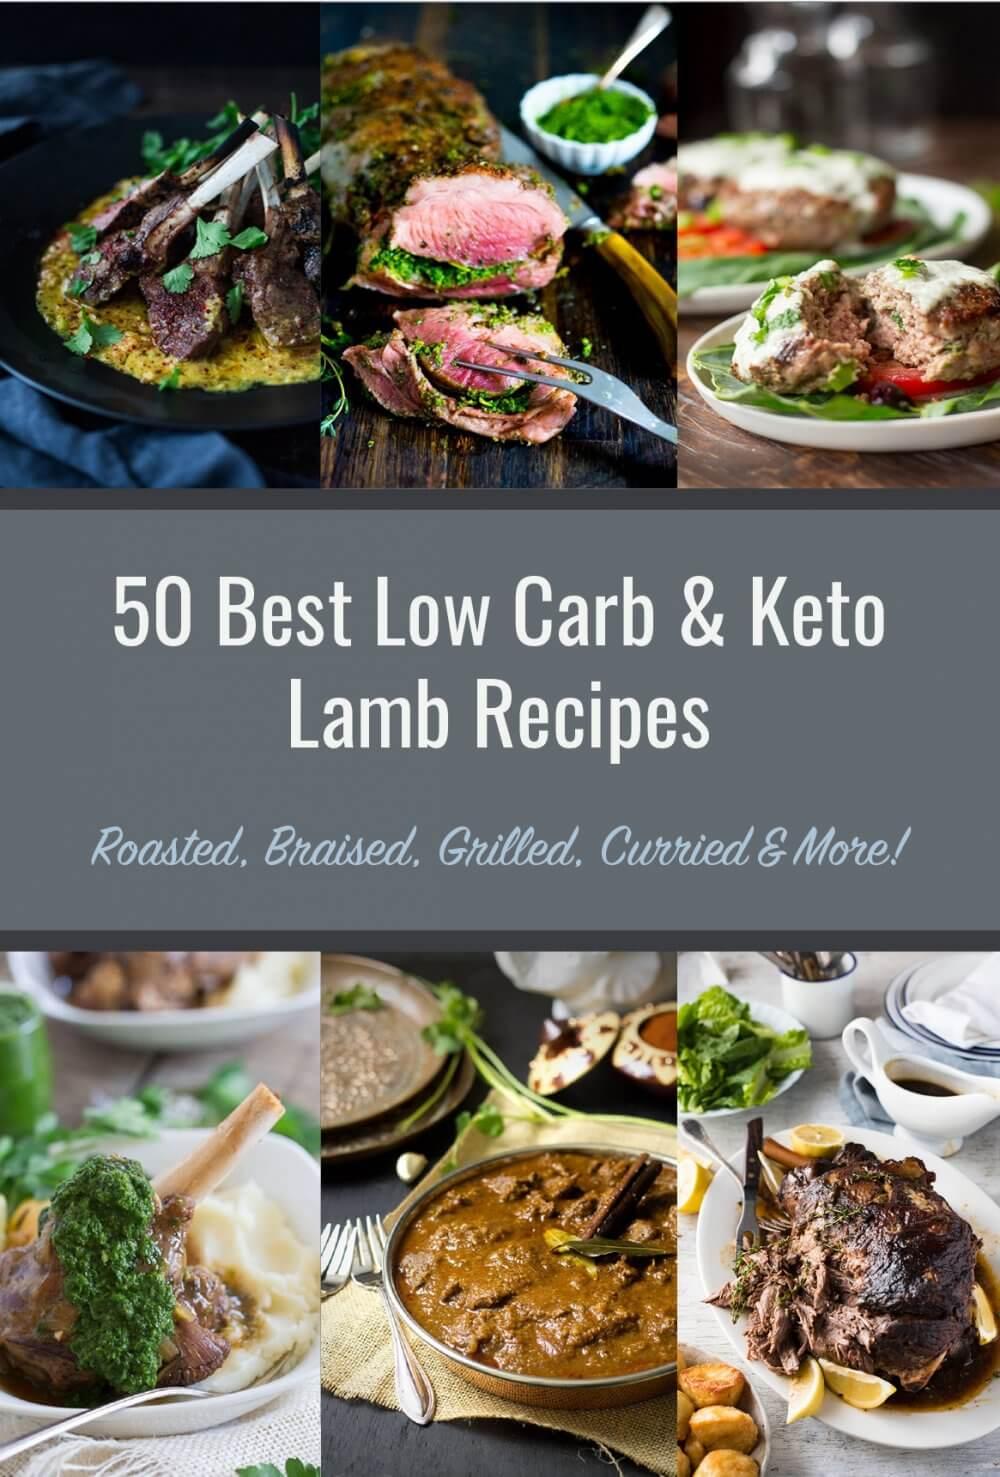 50 Best Low Carb & Keto Lamb Recipes